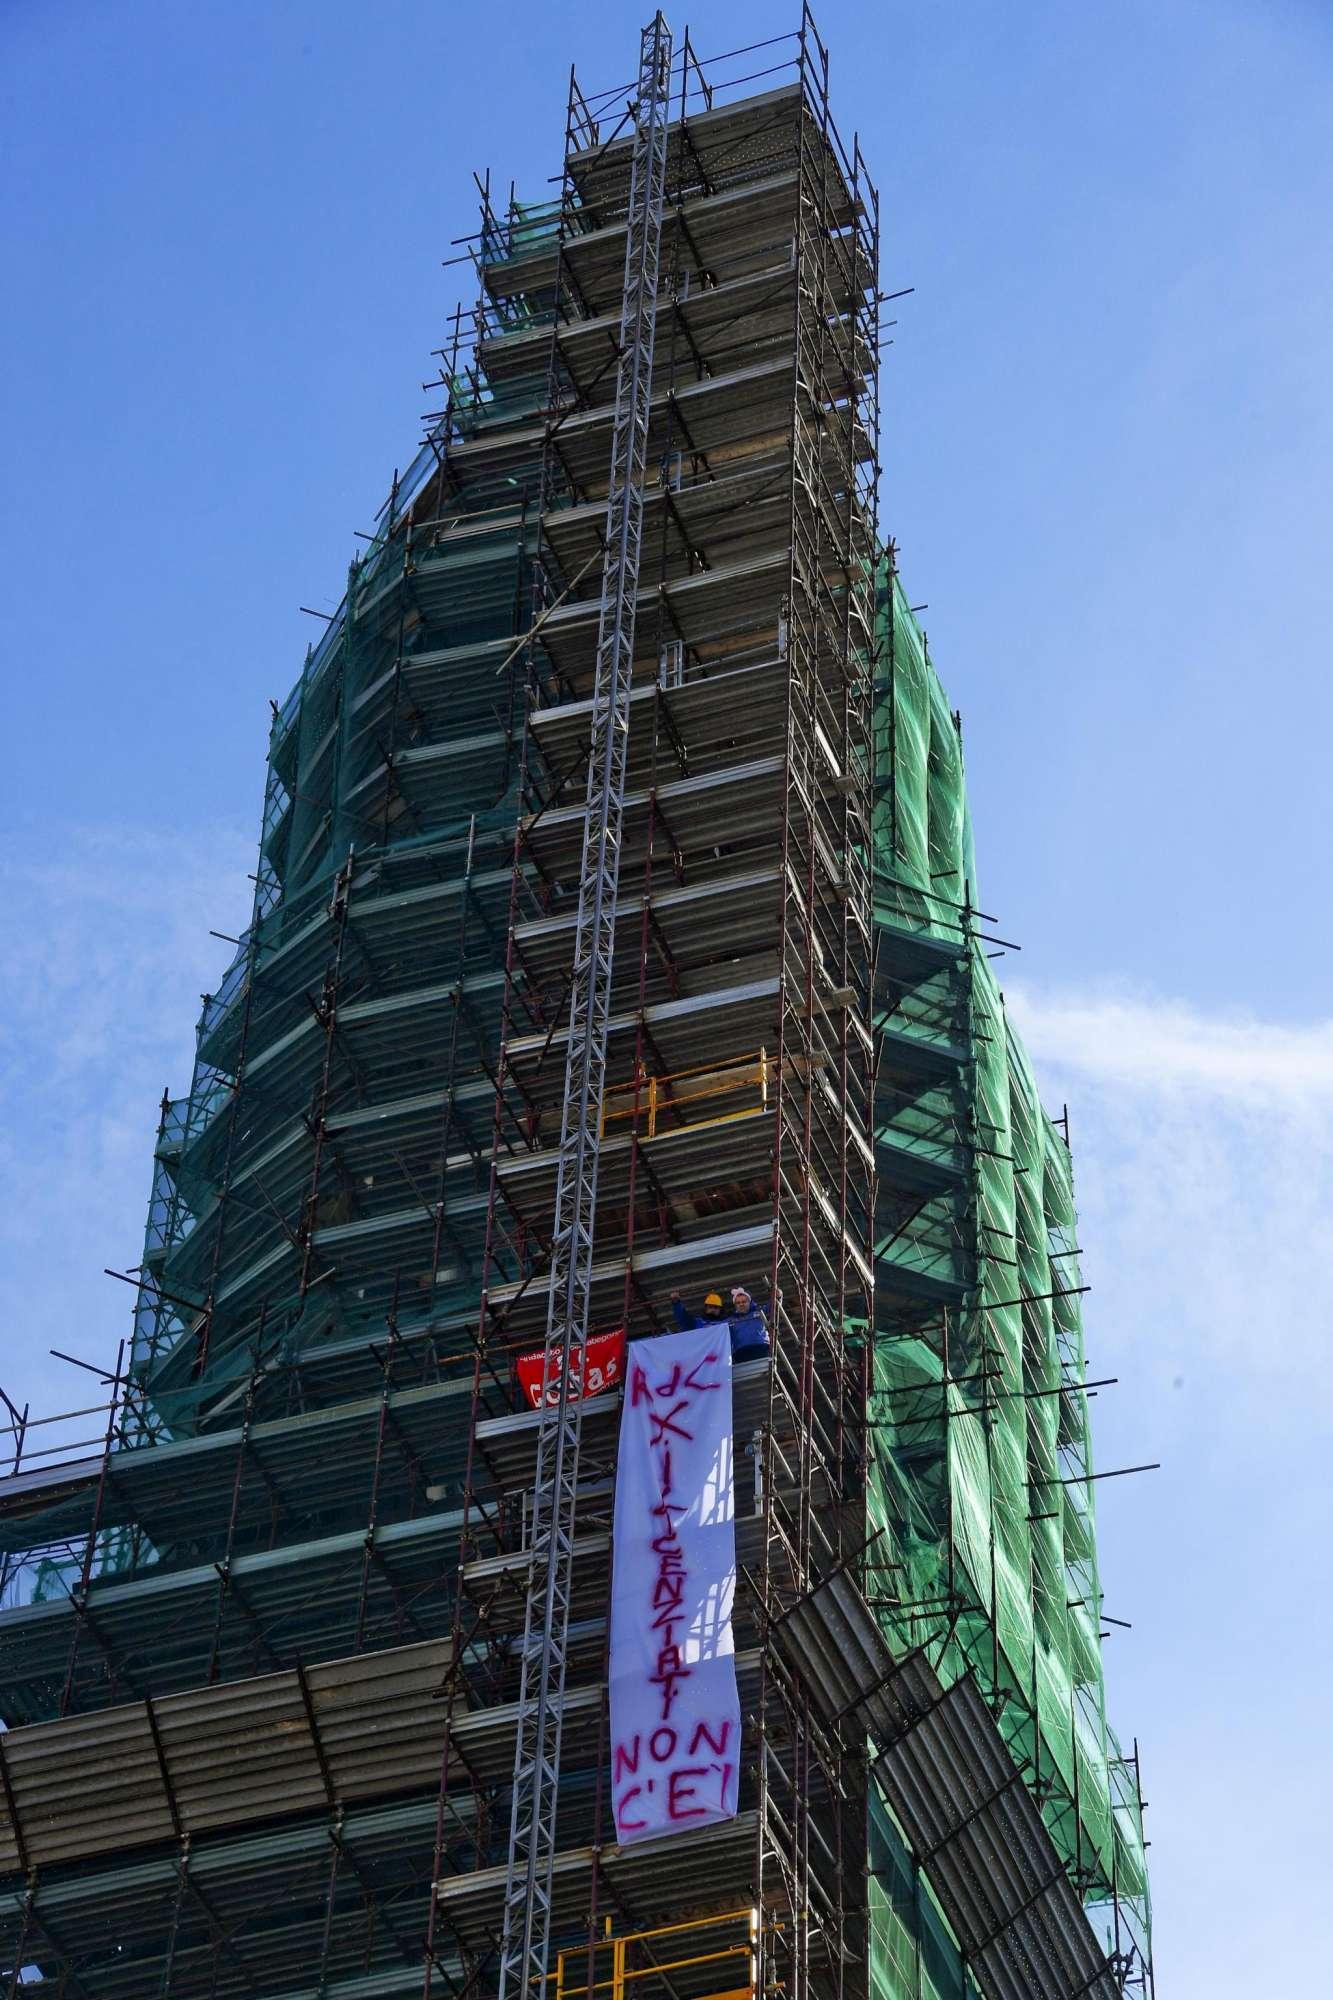 Reddito di cittadinanza, licenziati da Fca salgono su un campanile a Napoli